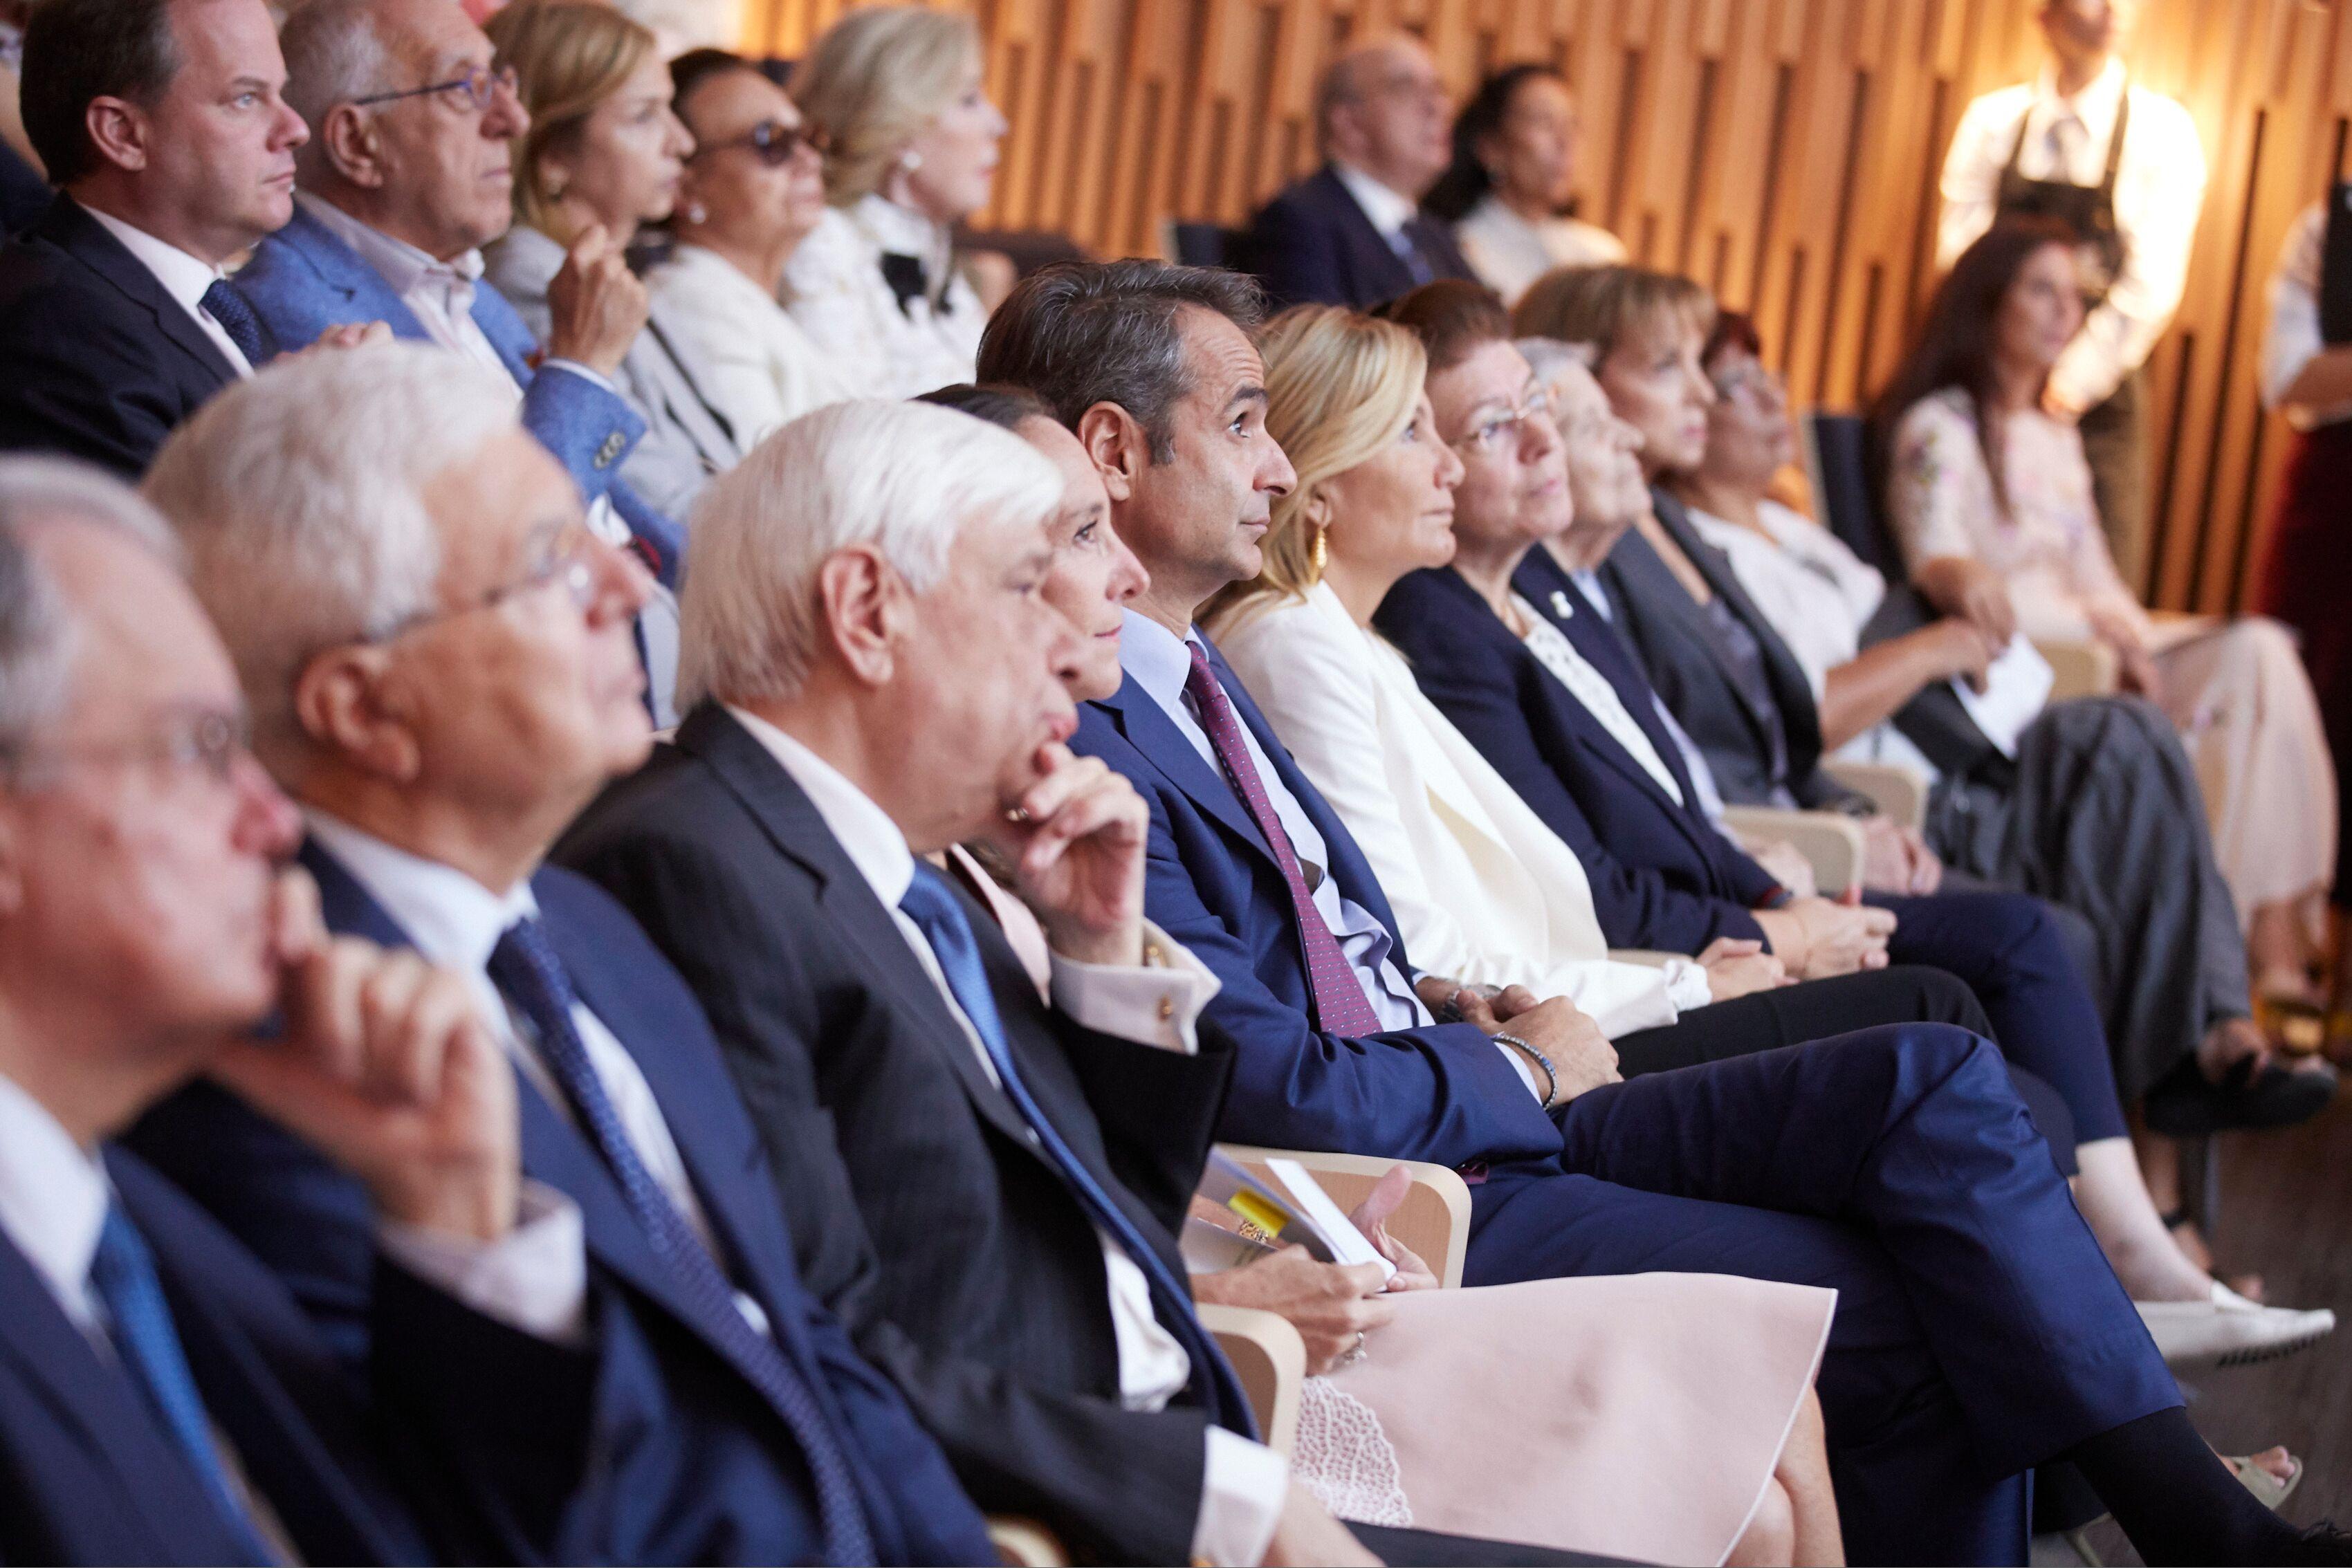 Πρόεδρος της Δημοκρατίας και Πρωθυπουργός στα εγκαίνια του νέου Μουσείου Γουλανδρί